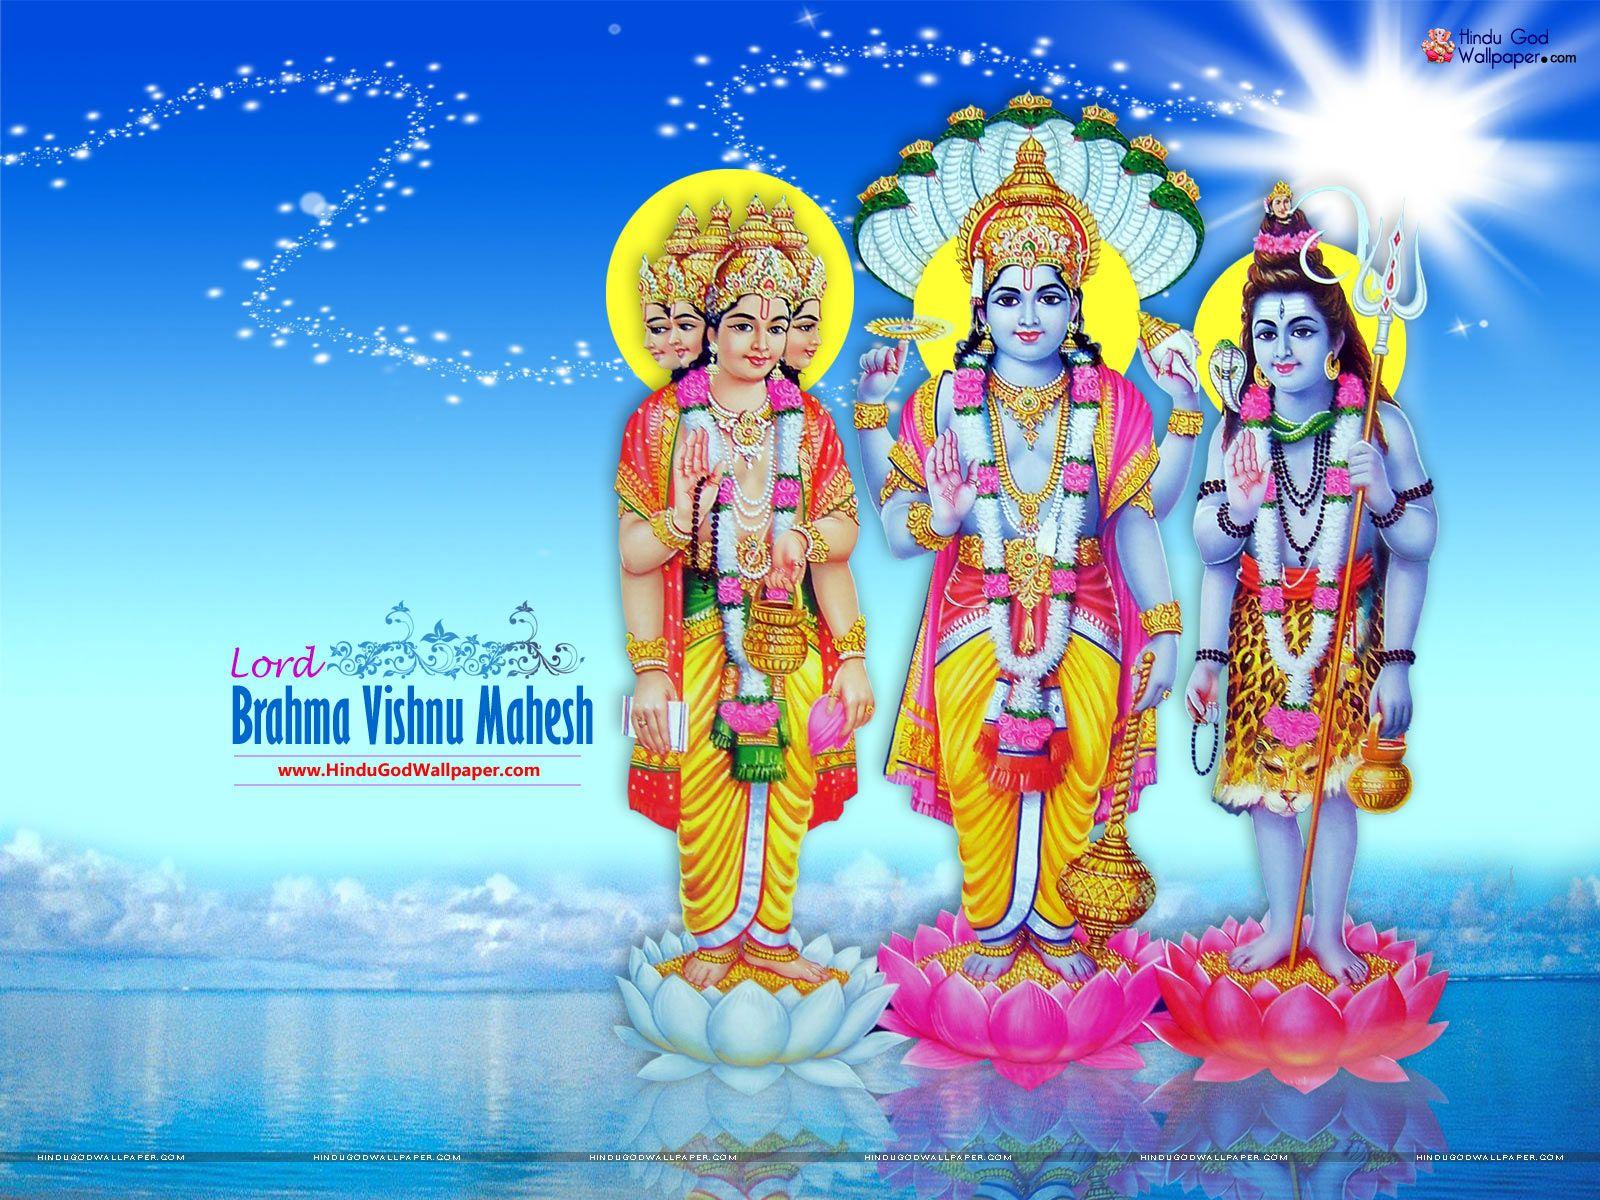 hindu-god-brahma-vishnu-mahesh